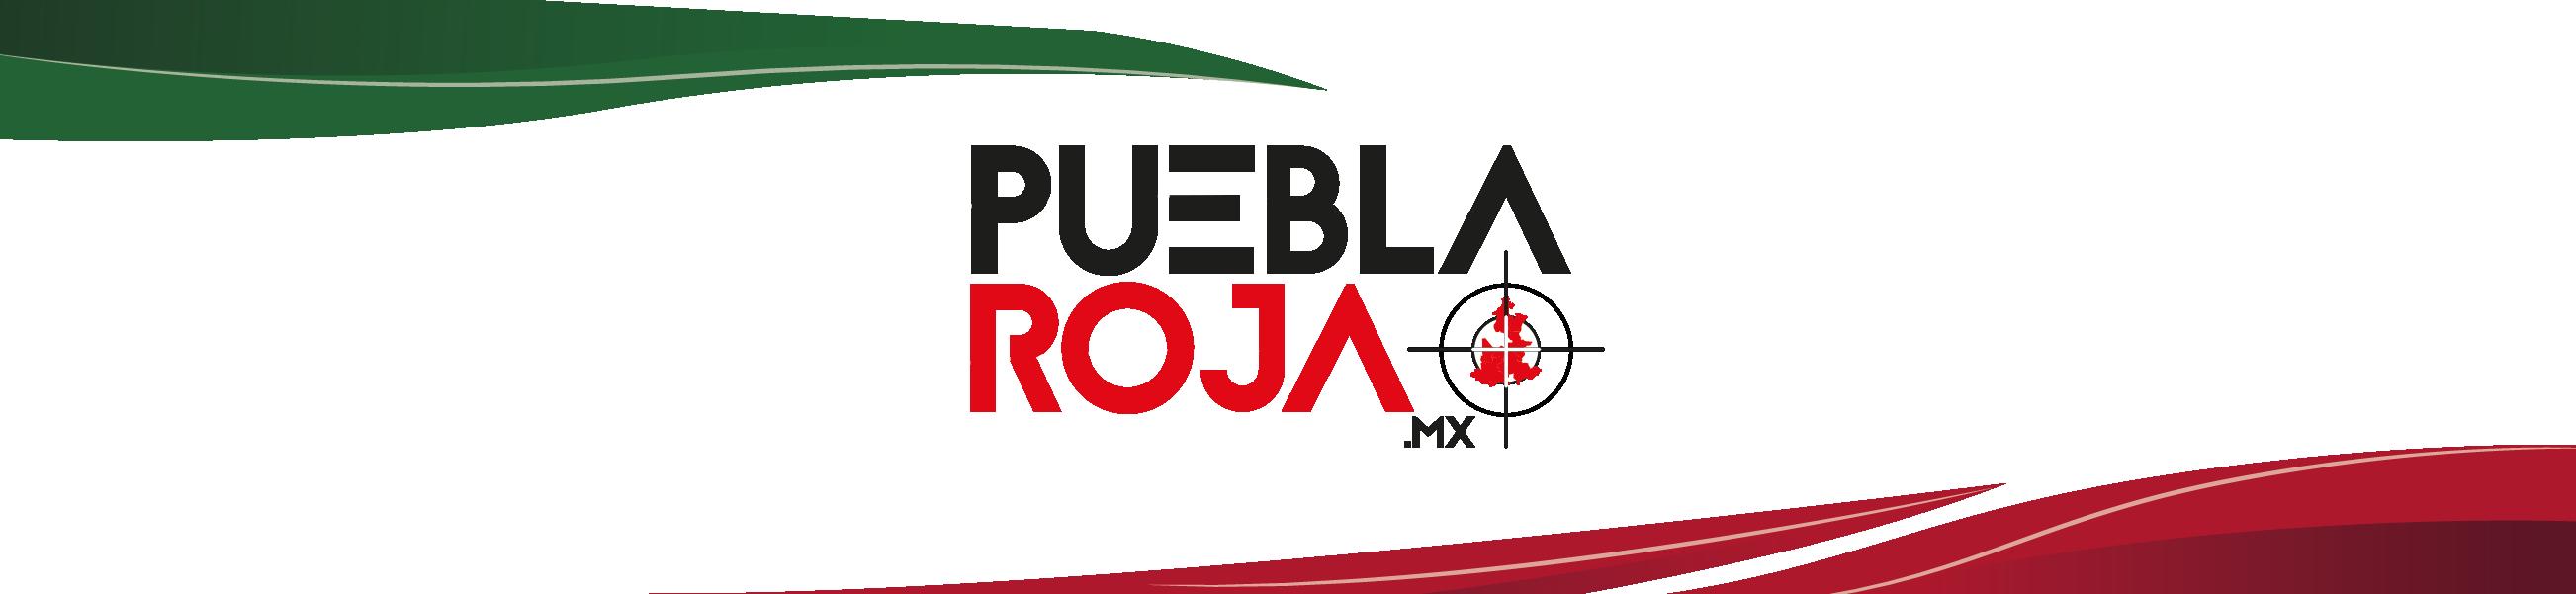 PUEBLAROJA.MX